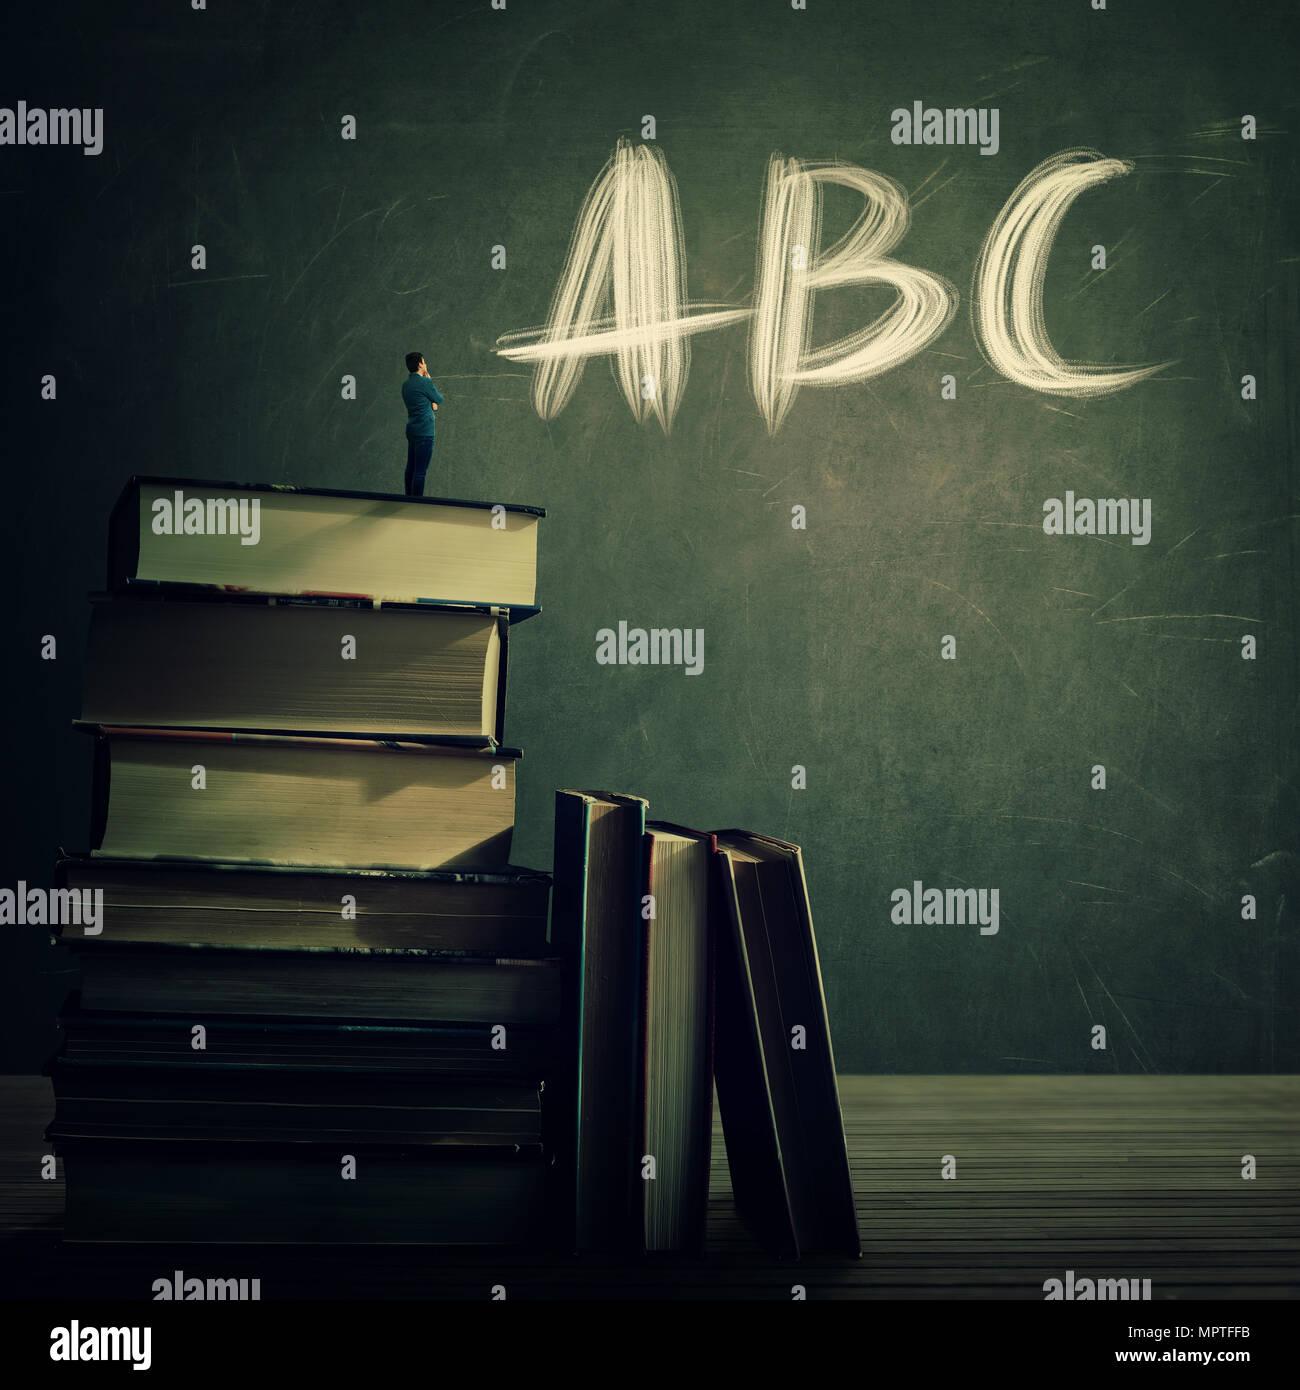 Stand de l'enseignant sur le haut d'une énorme pile de livres à la recherche au tableau noir avec ABC lettres écrites. Concept de l'éducation et du savoir. La pratique de l'enseignement f Photo Stock